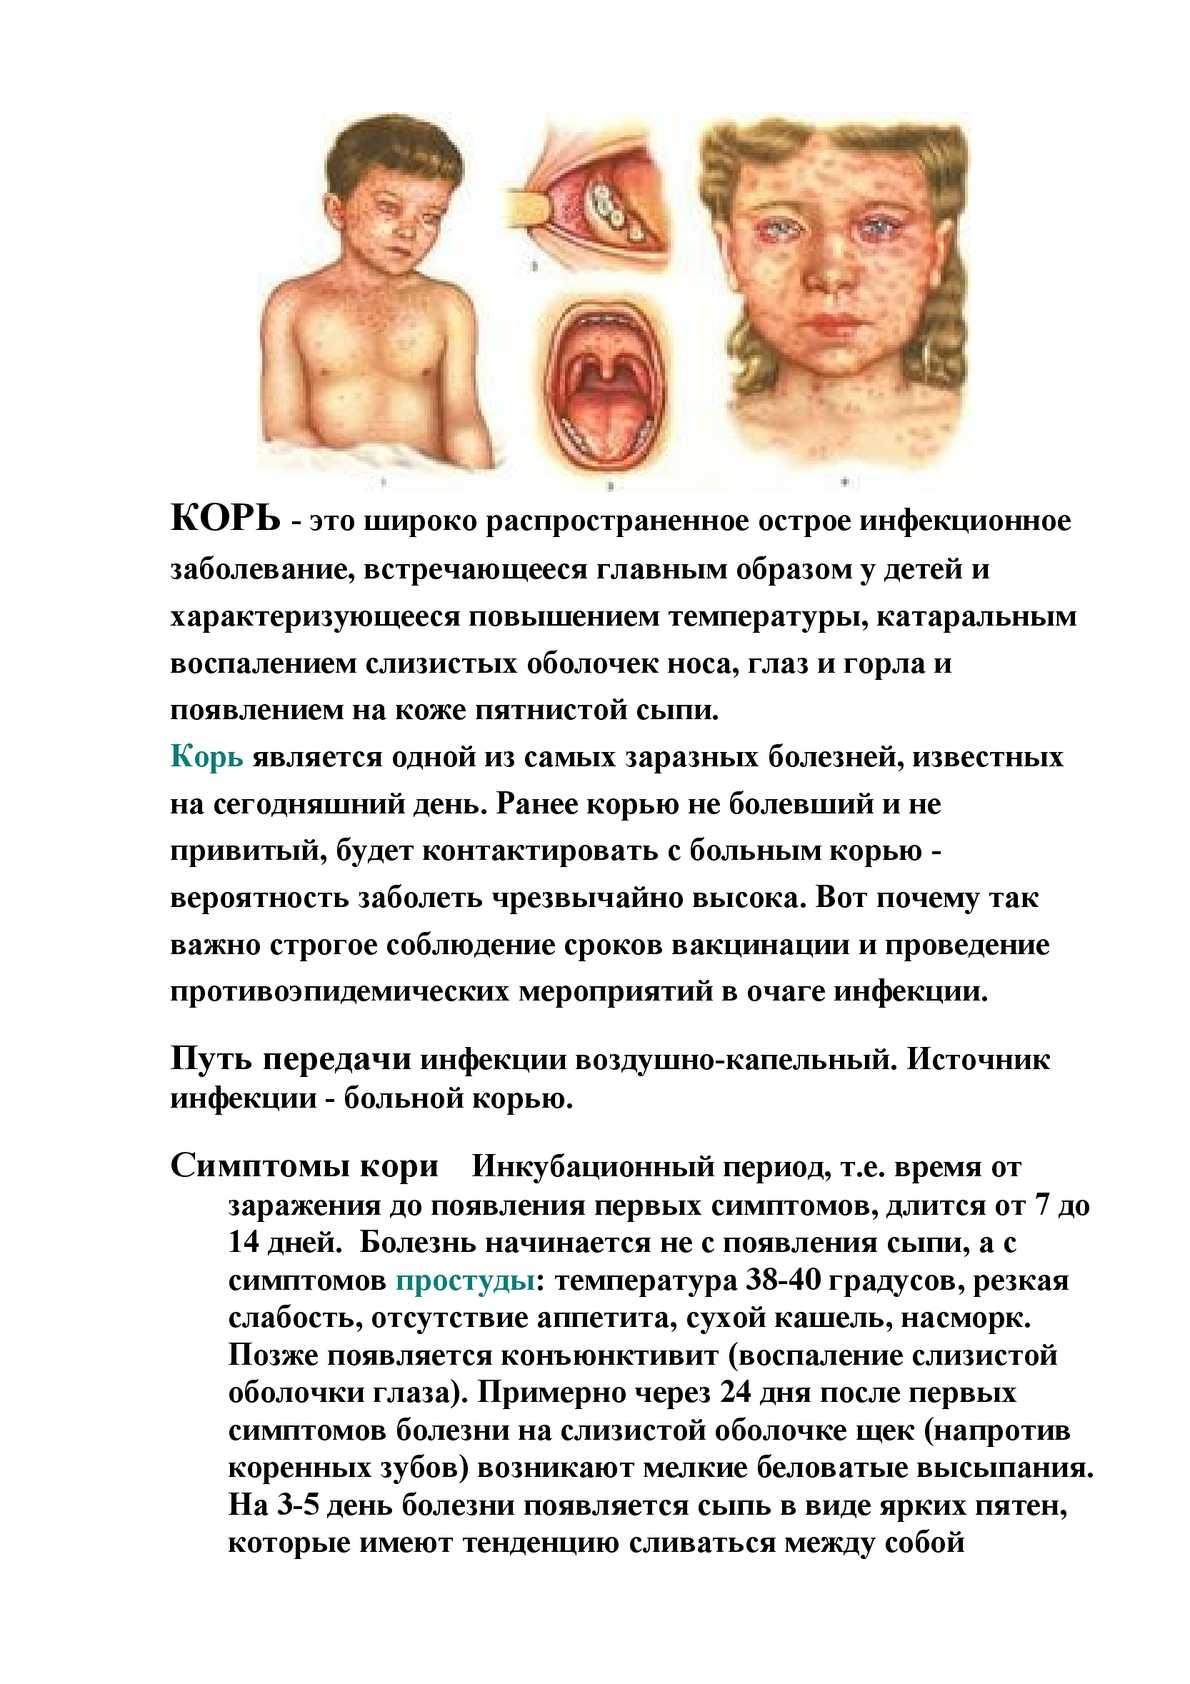 Дифтерия у детей: проявления, способы лечения и профилактики